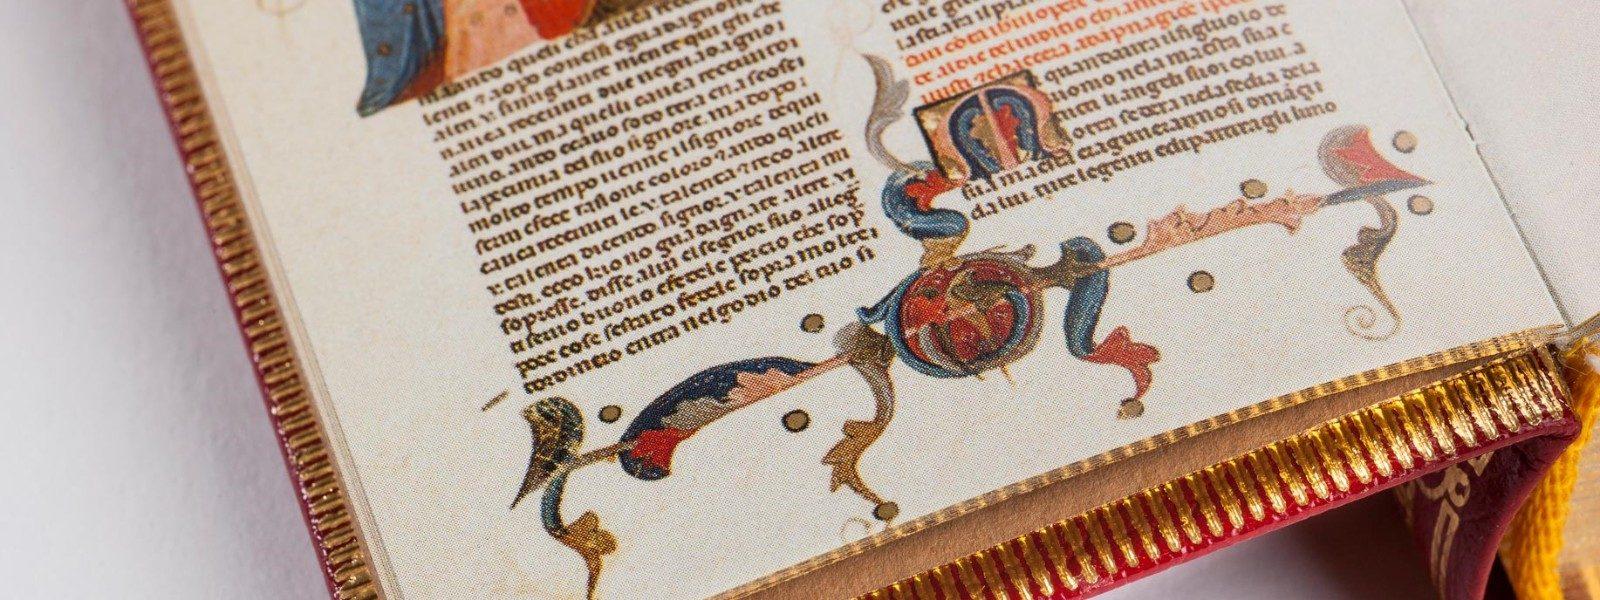 Esempi di stampa manoscritti in fac simile realizzati da Faenza Group